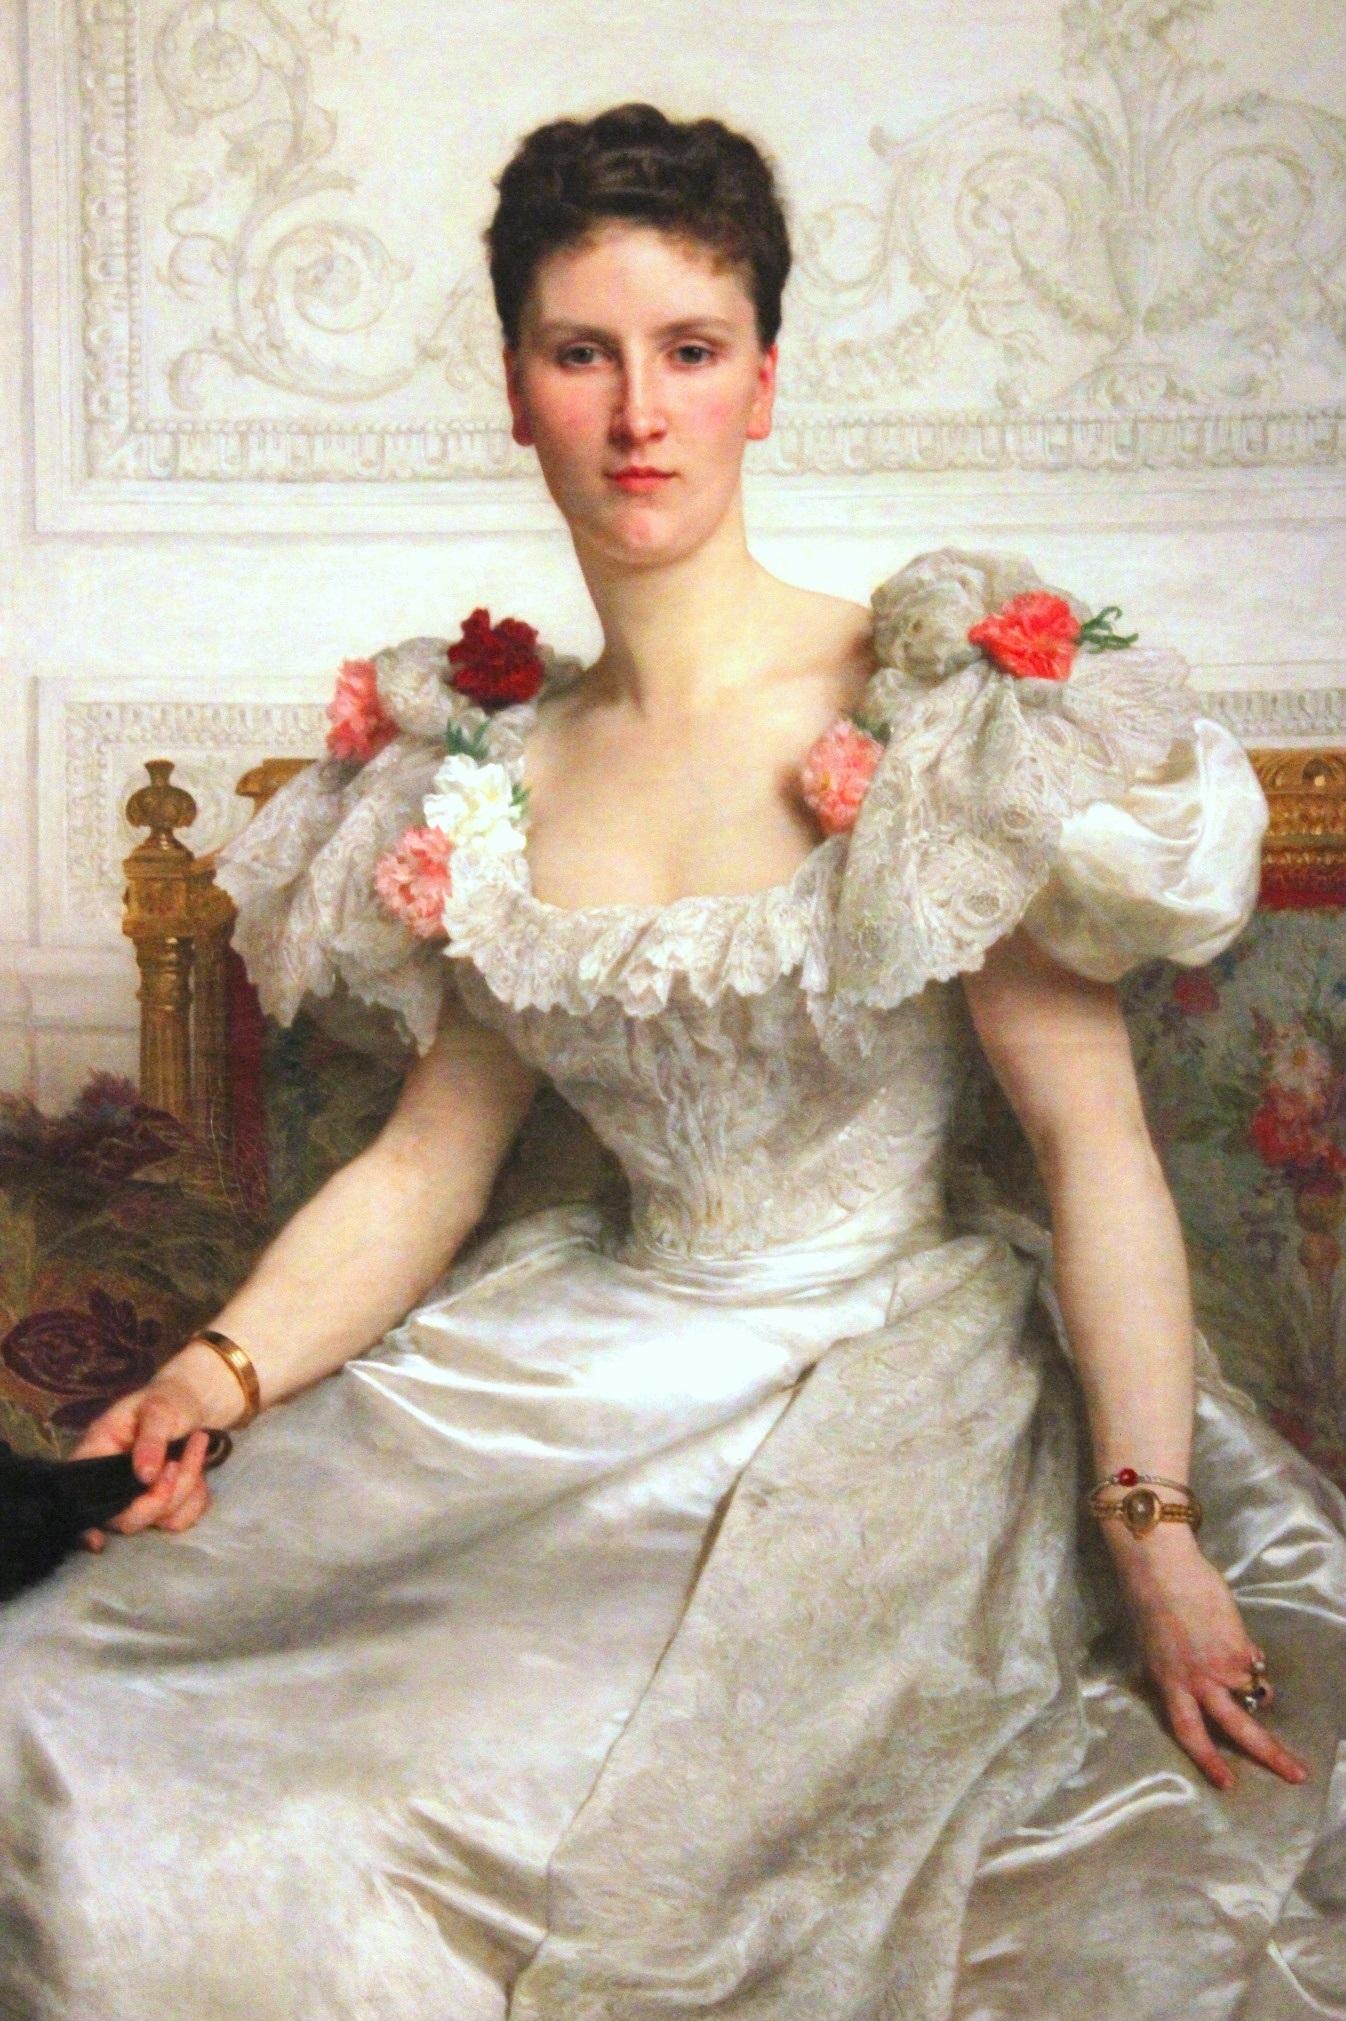 Портрет графини Камбасере 1895, Музей искусств, Сиэтл Bouguereau_-_Comtesse_de_Cambacérès_-_Seattle_01 - 1.jpg